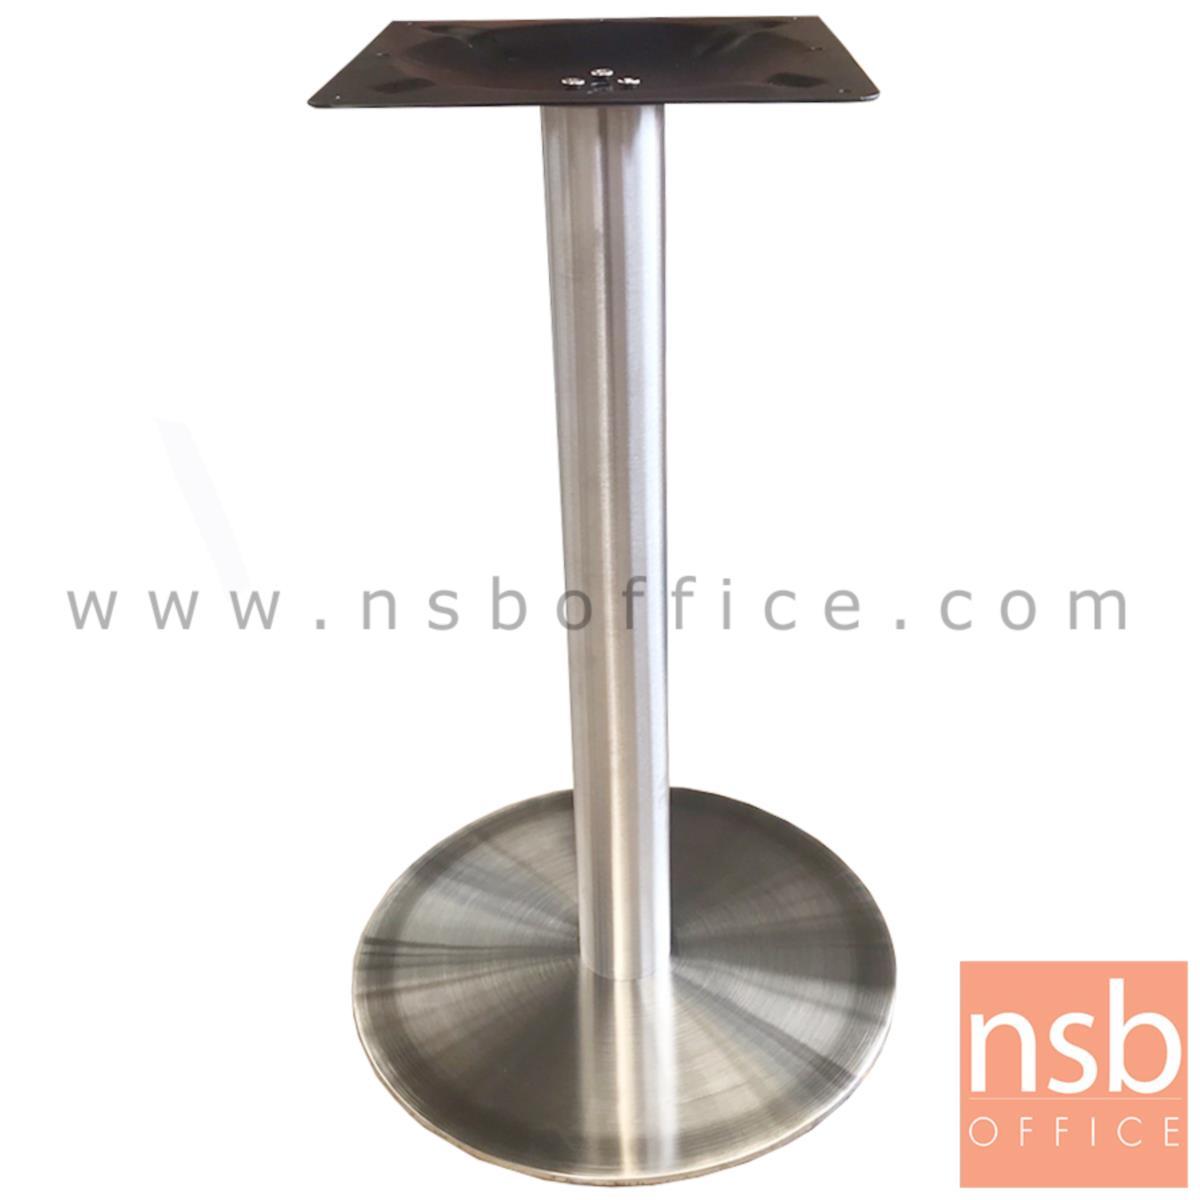 A14A216:ขาโต๊ะบาร์จานกลมแผ่นเรียบ สเตนเลส hairline